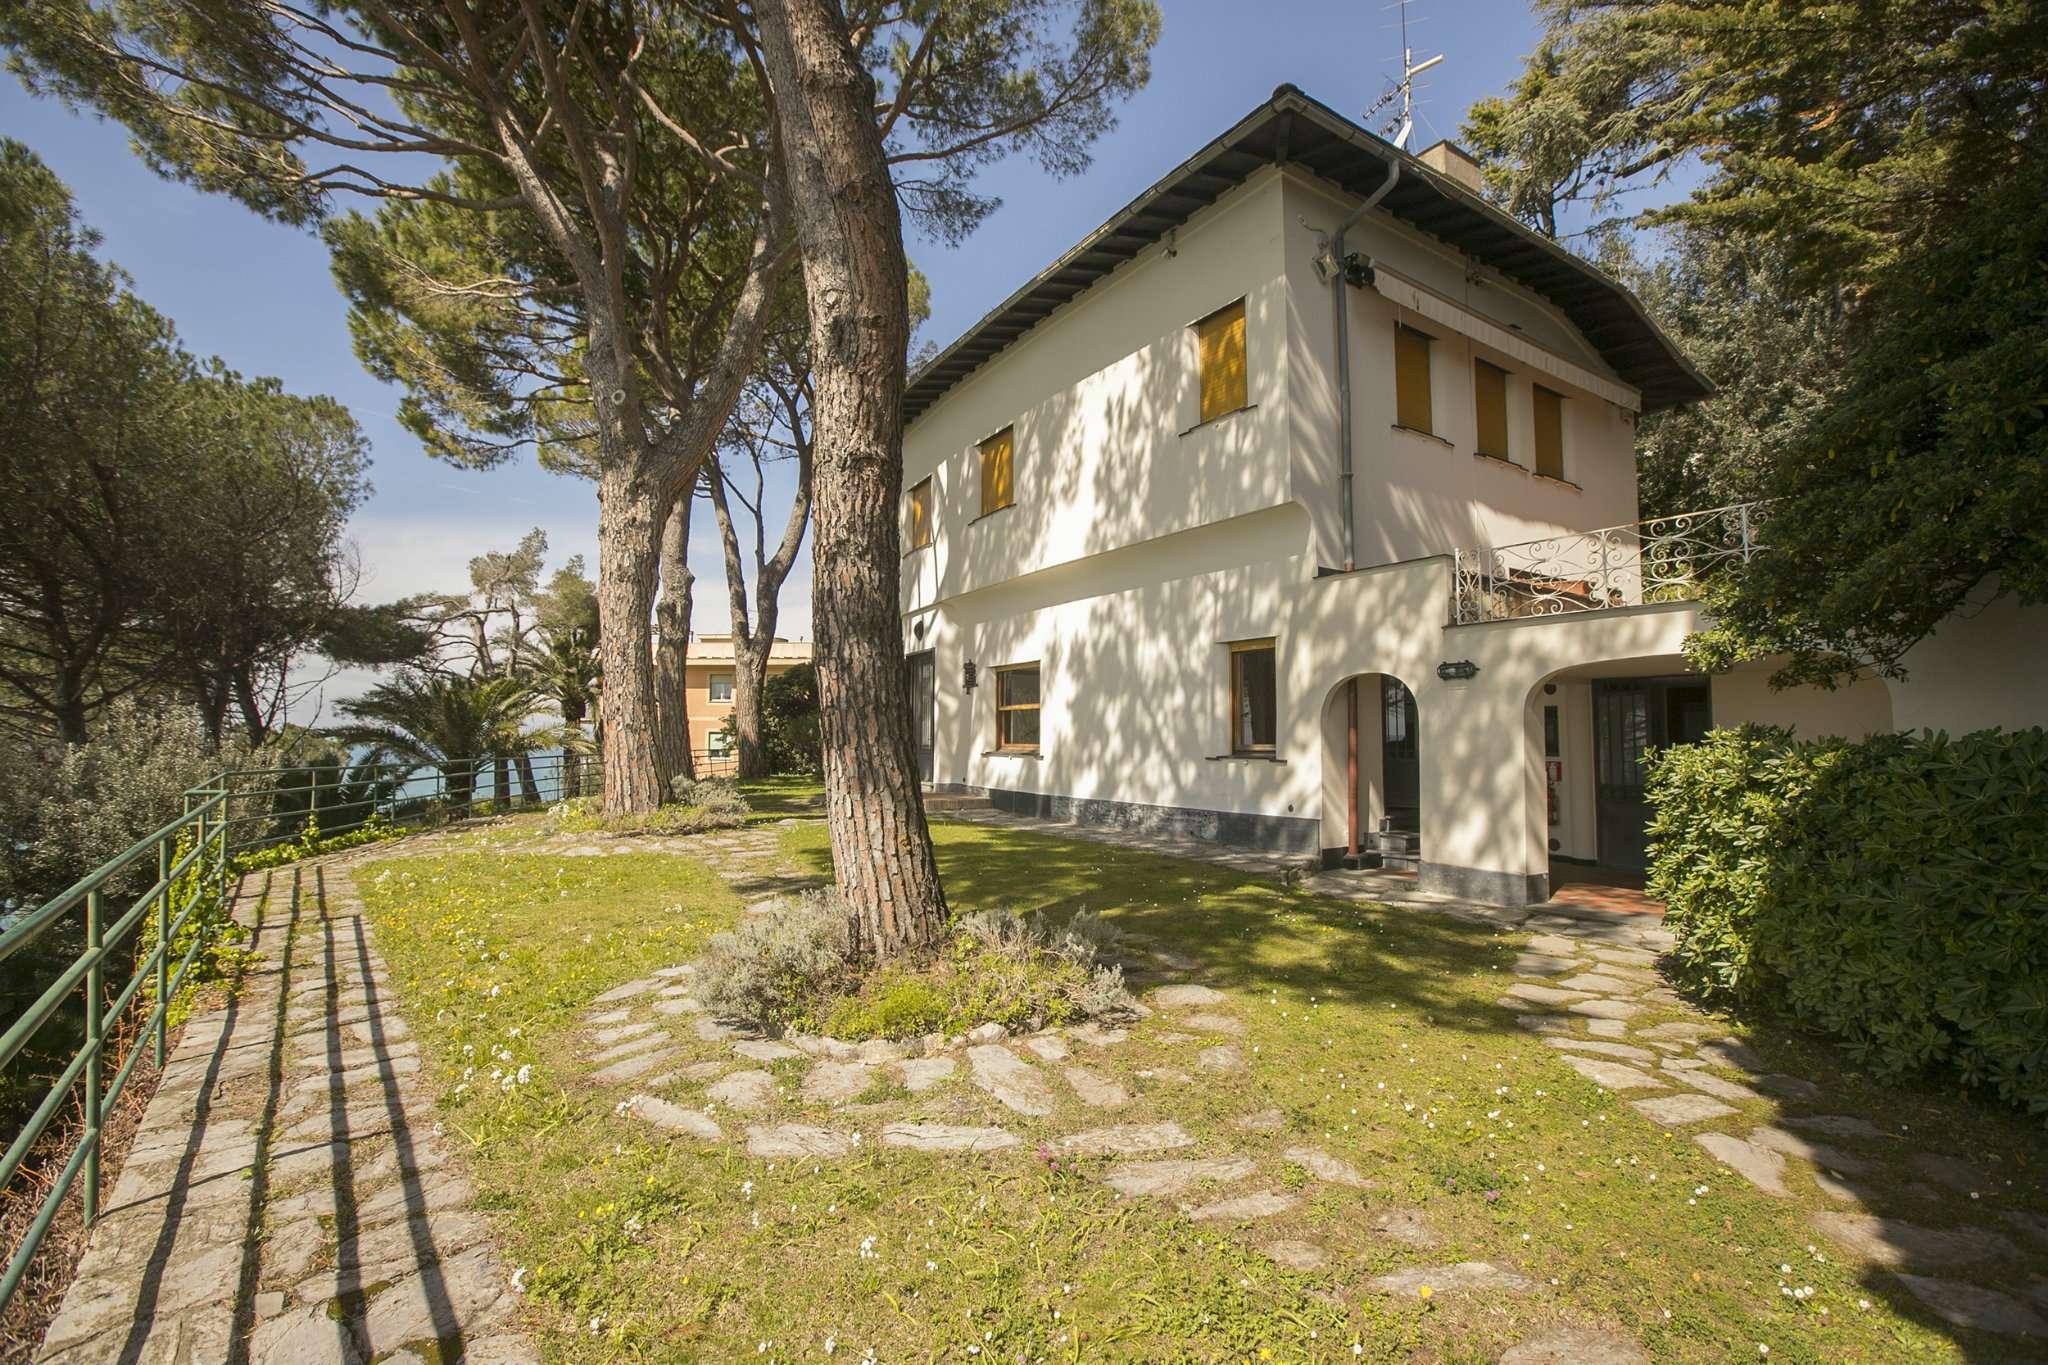 Villa in vendita a Bogliasco, 9999 locali, Trattative riservate | CambioCasa.it